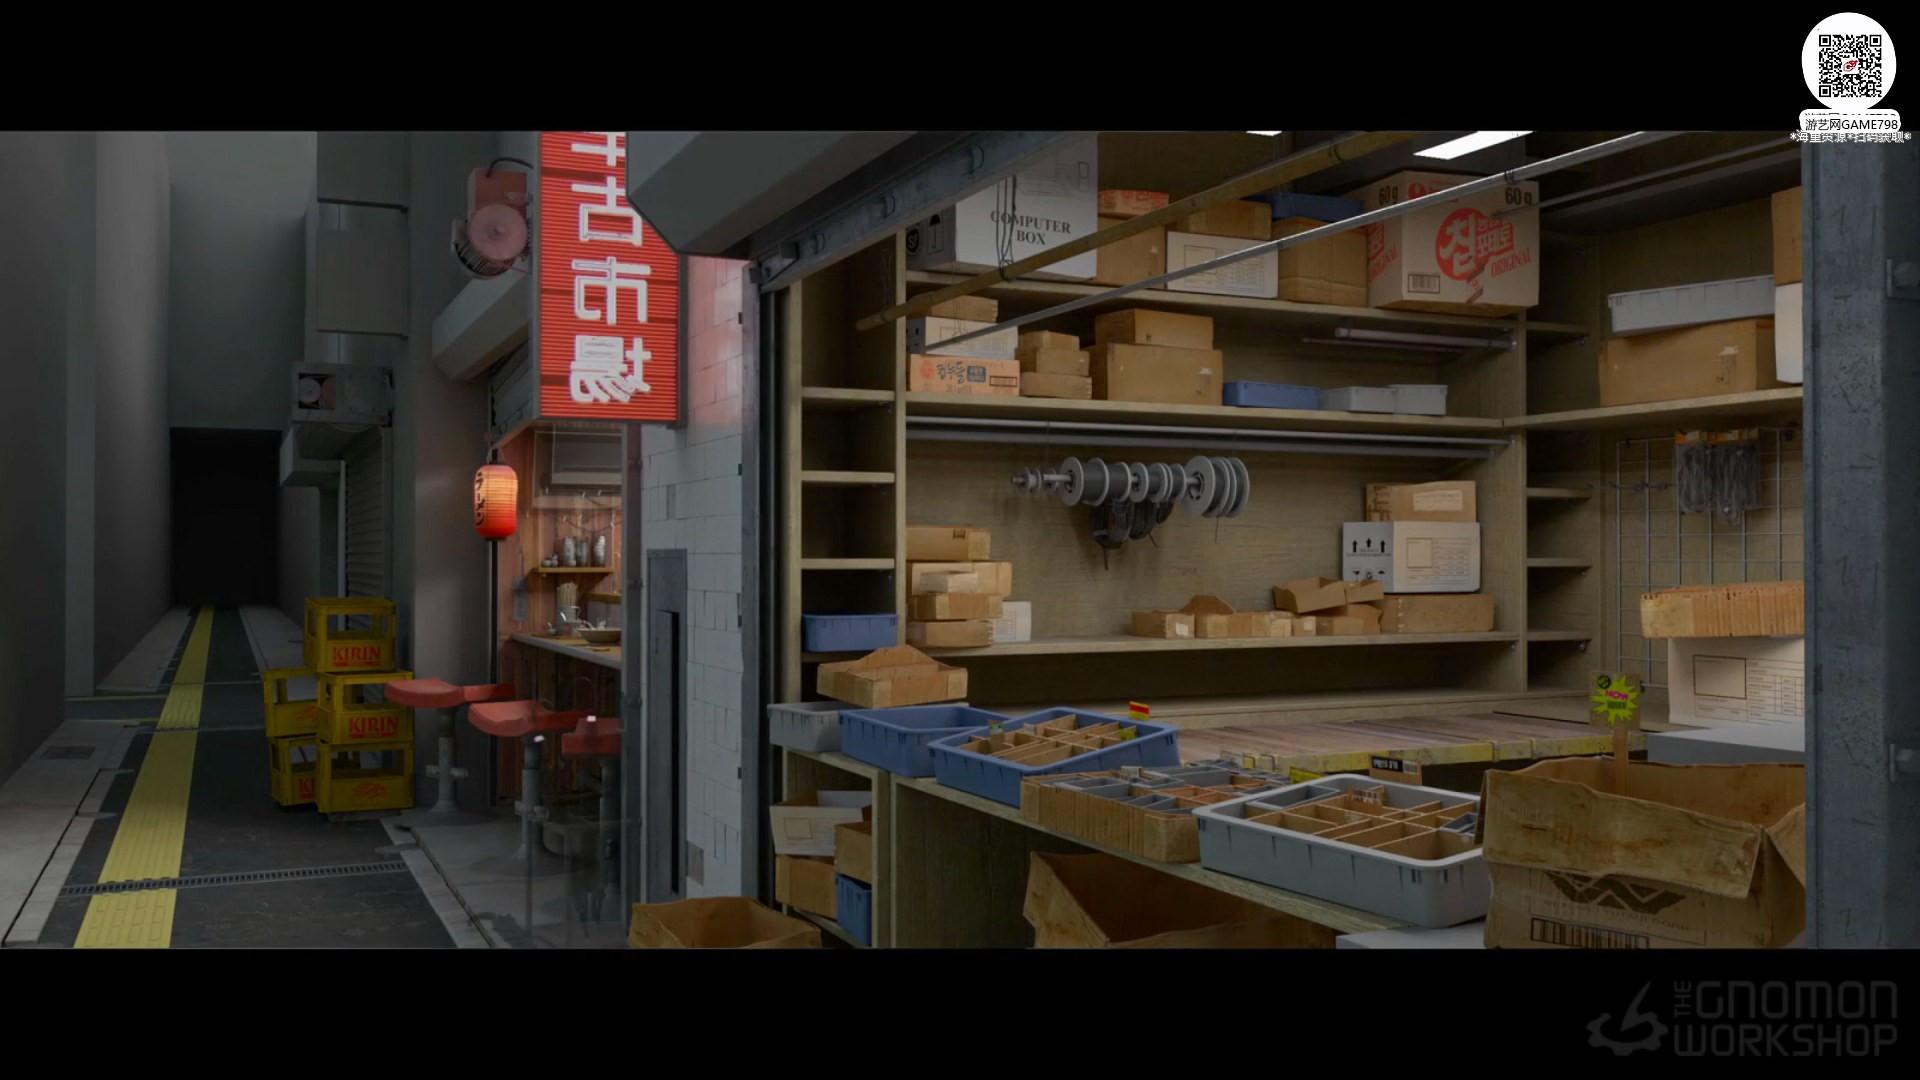 012_关注-游艺网GAME798海量资源下载【视频教程】MAYA制作科幻场景.jpg